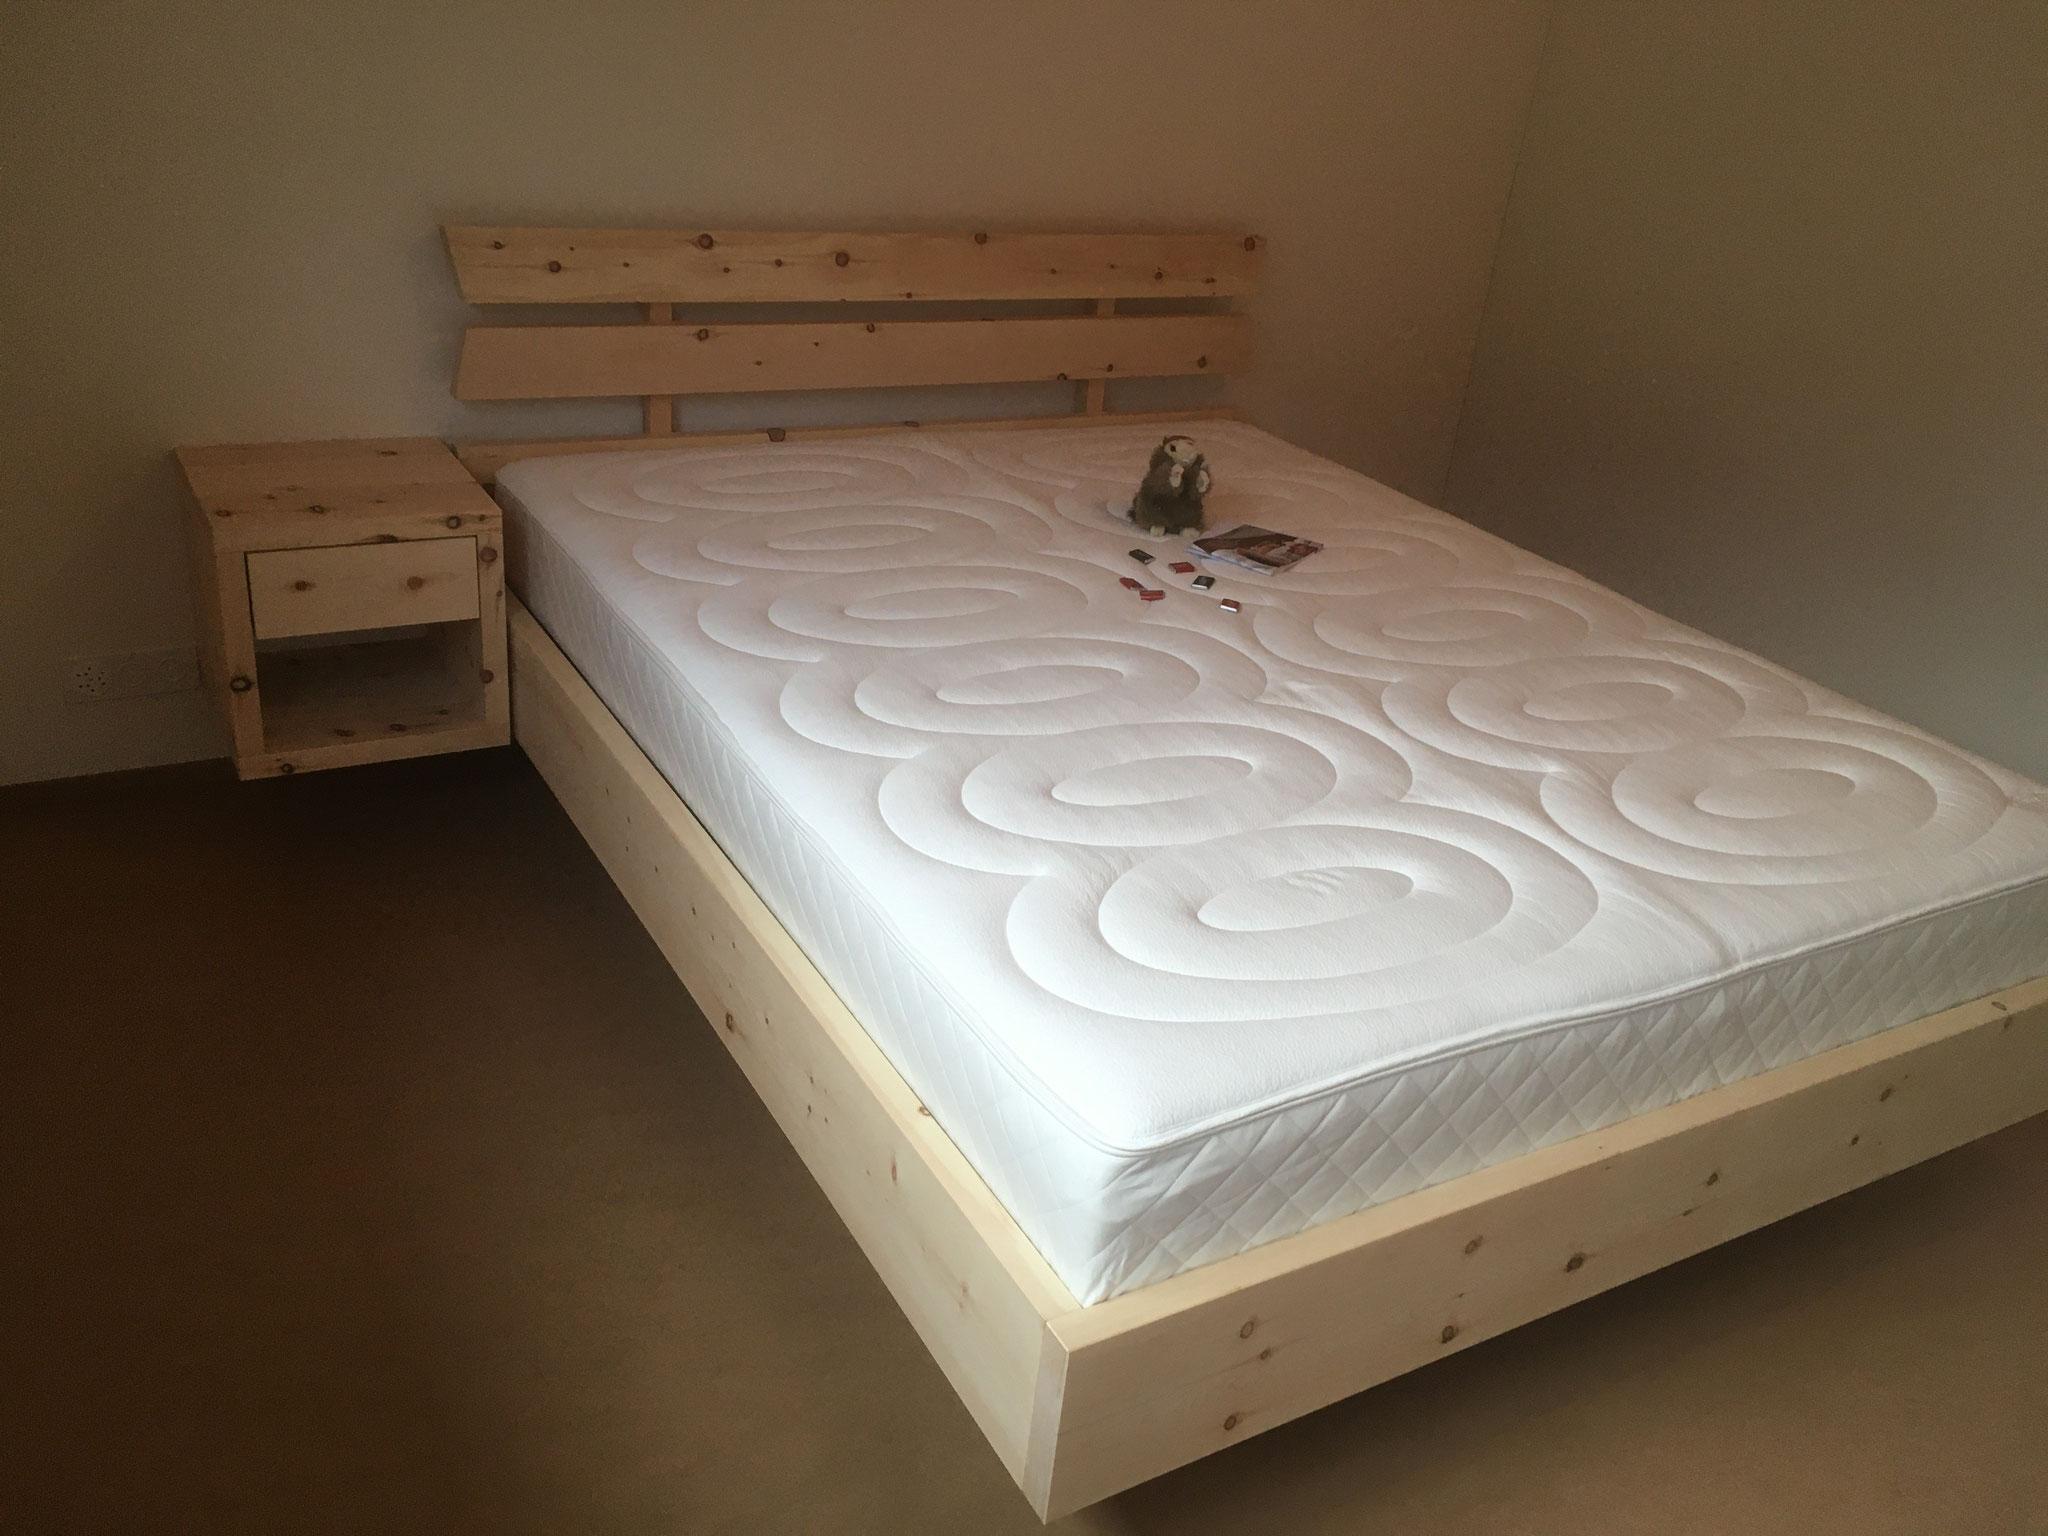 Arven Bett mit passendem Nachttischli und dem kompakten Designa Bettinhalt von Hüsler Nest